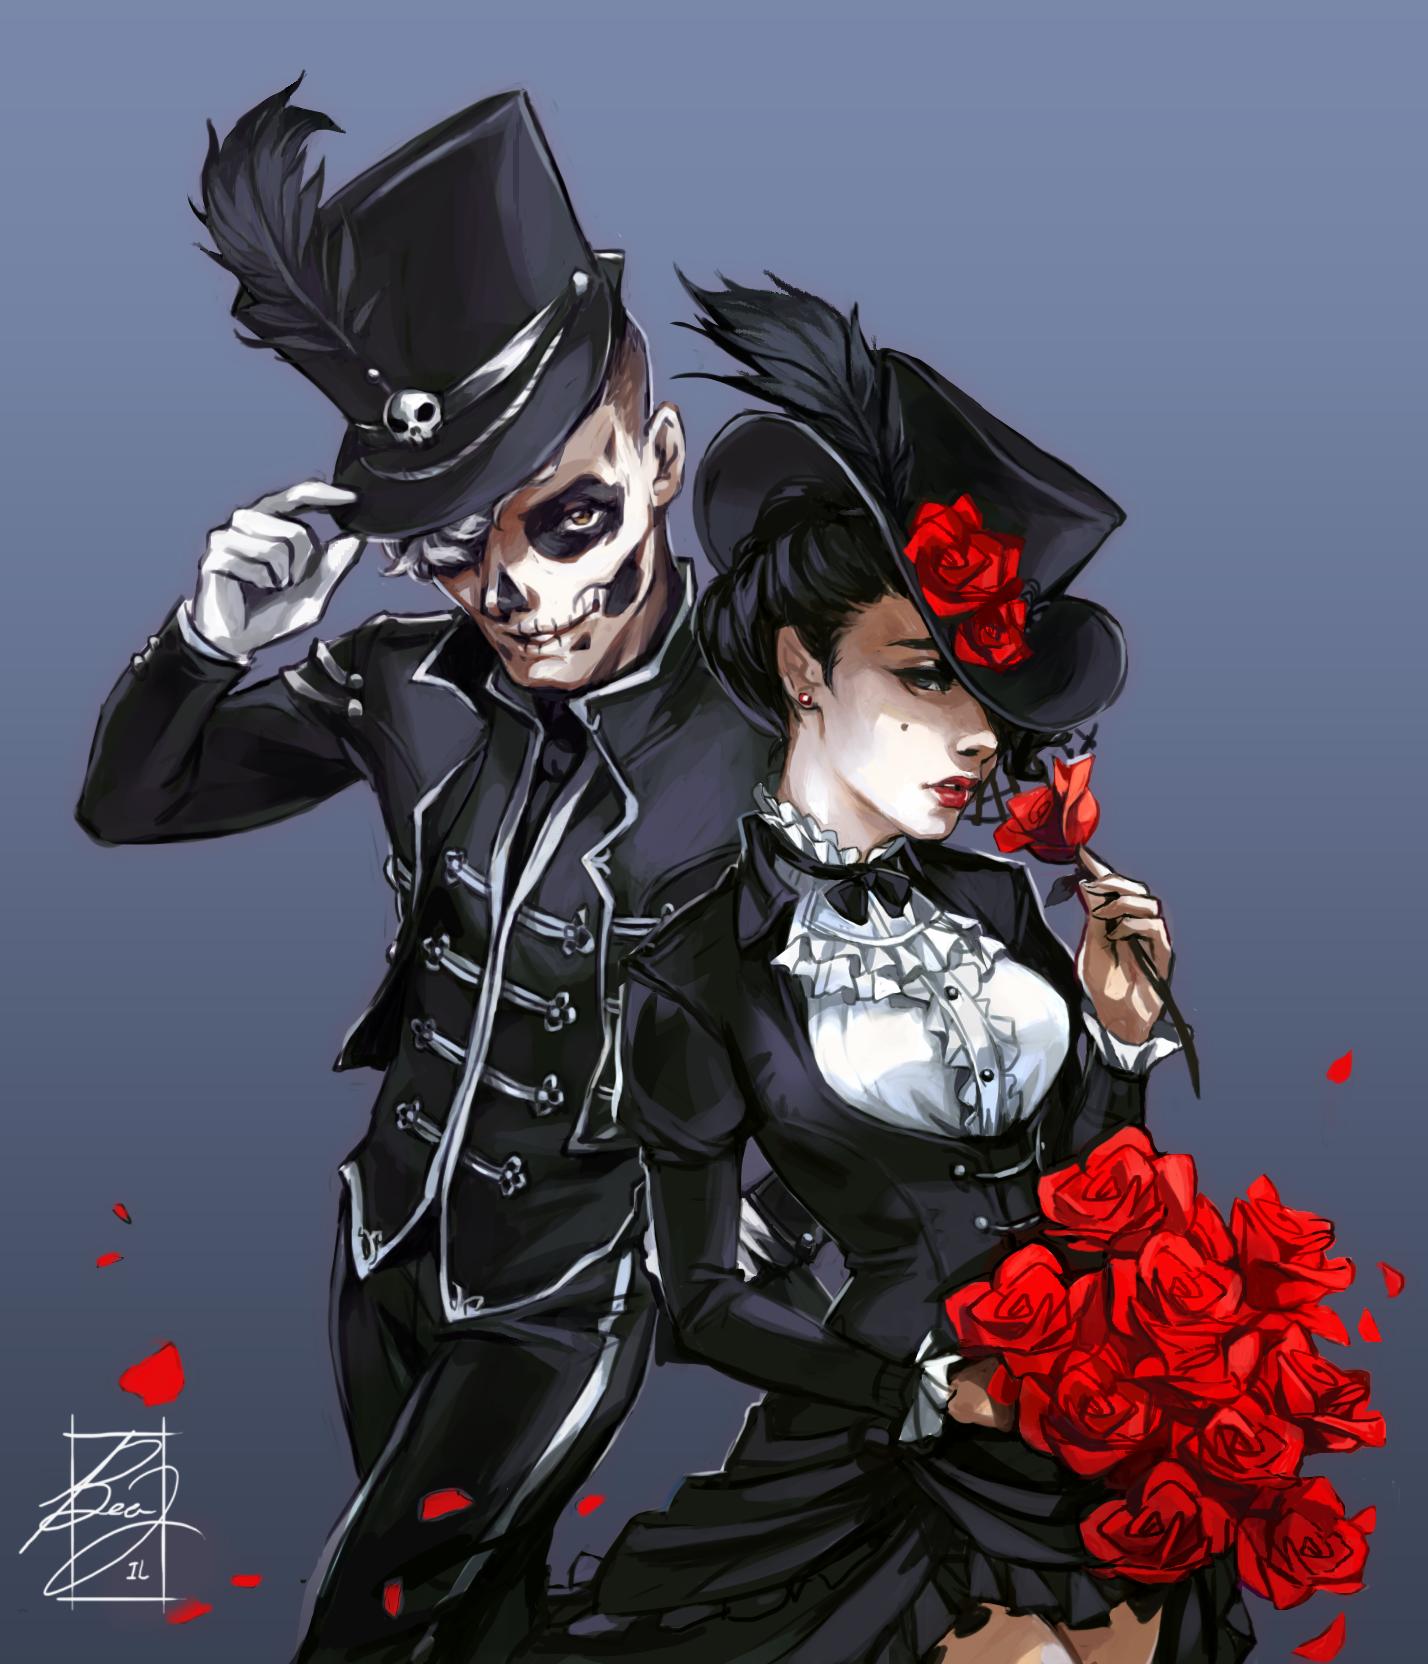 Фото Парень, лицо которого раскрашено под череп, и девушка с букетом алых роз